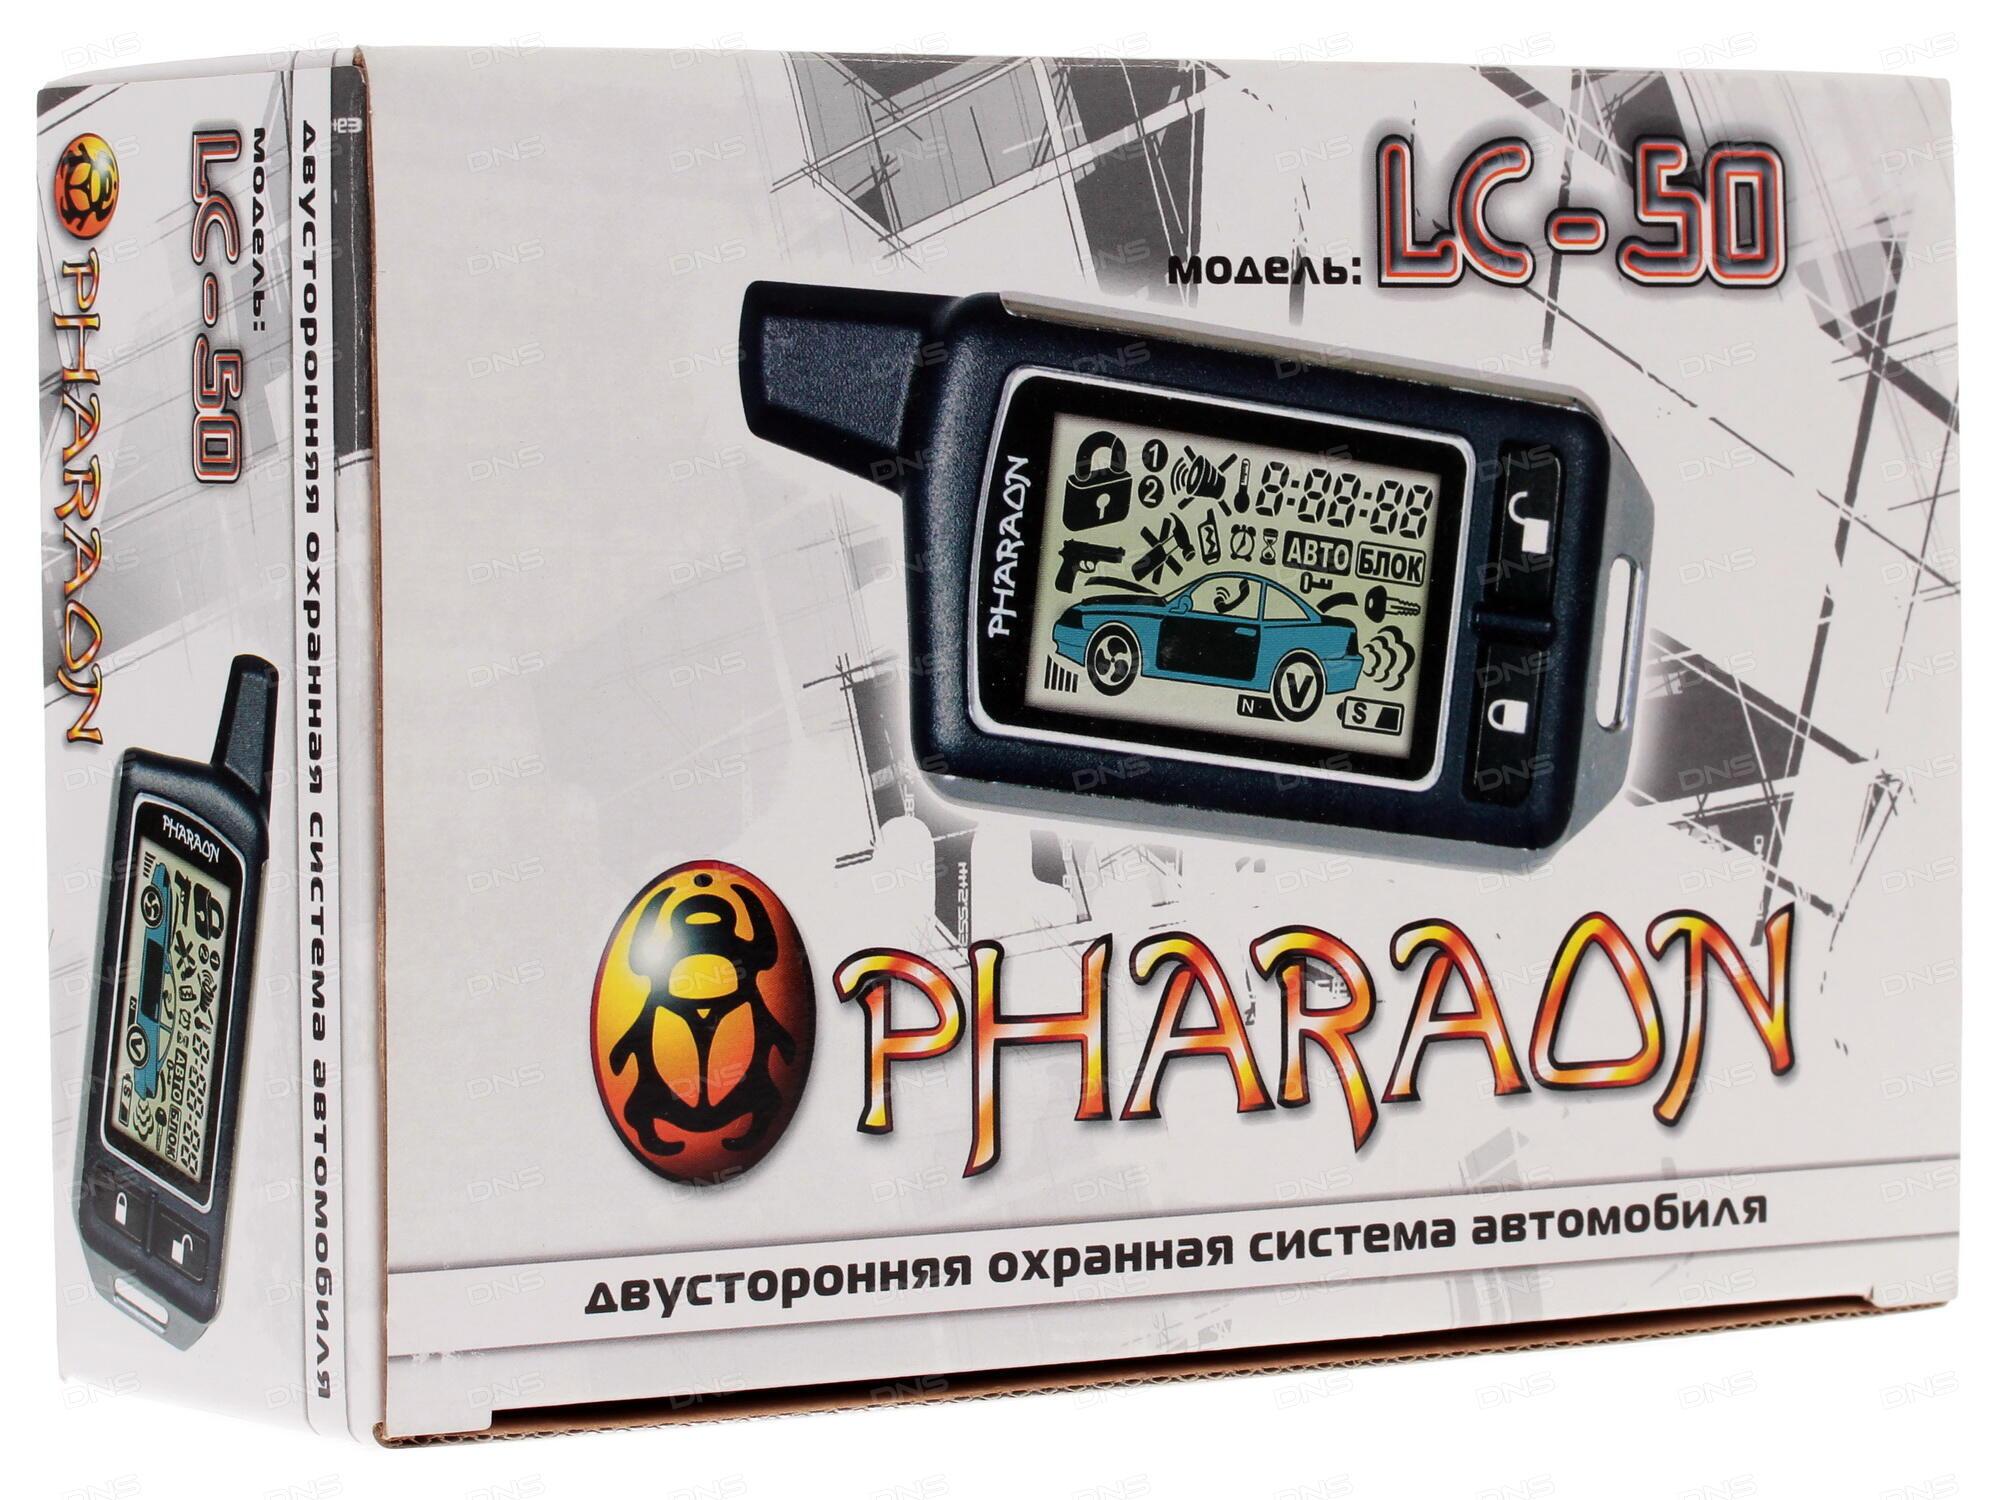 сигнализация фараон лс 50 инструкция